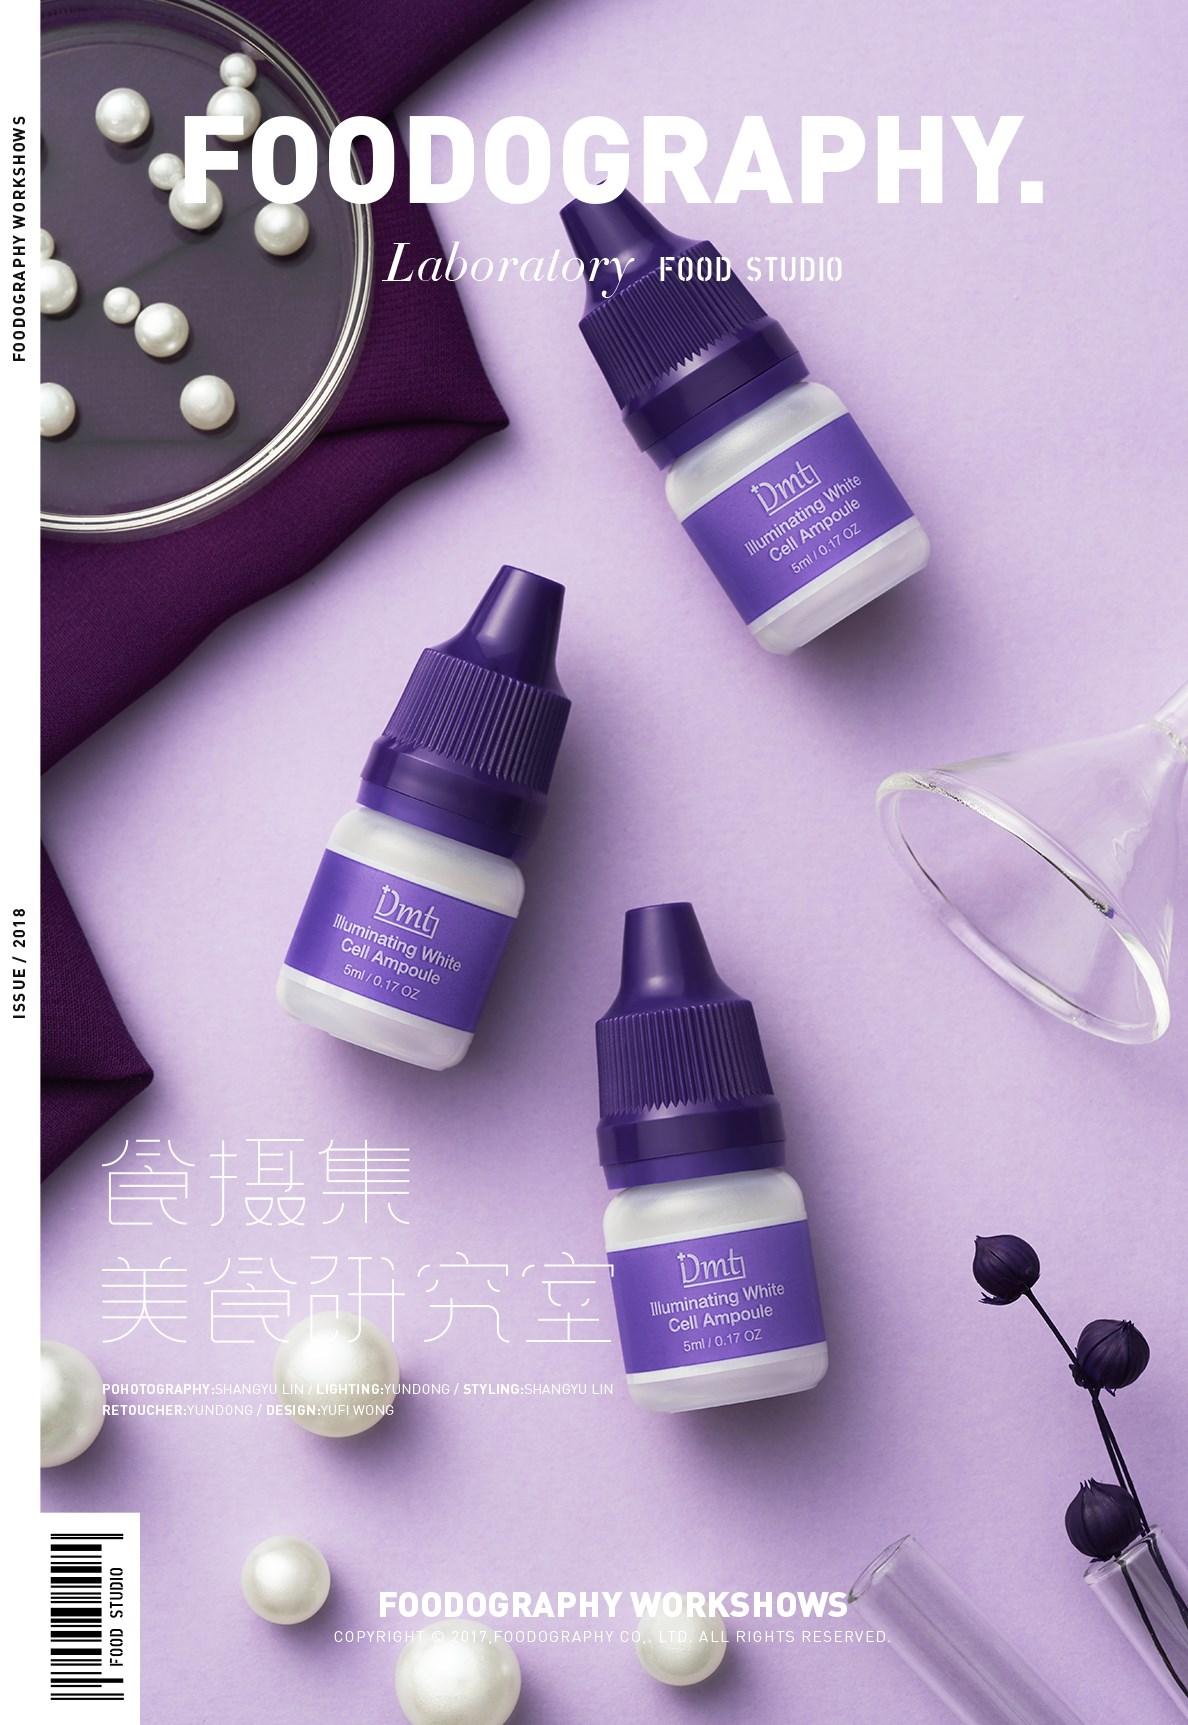 听说今年pantone紫很流行 食摄集 | foodograhy